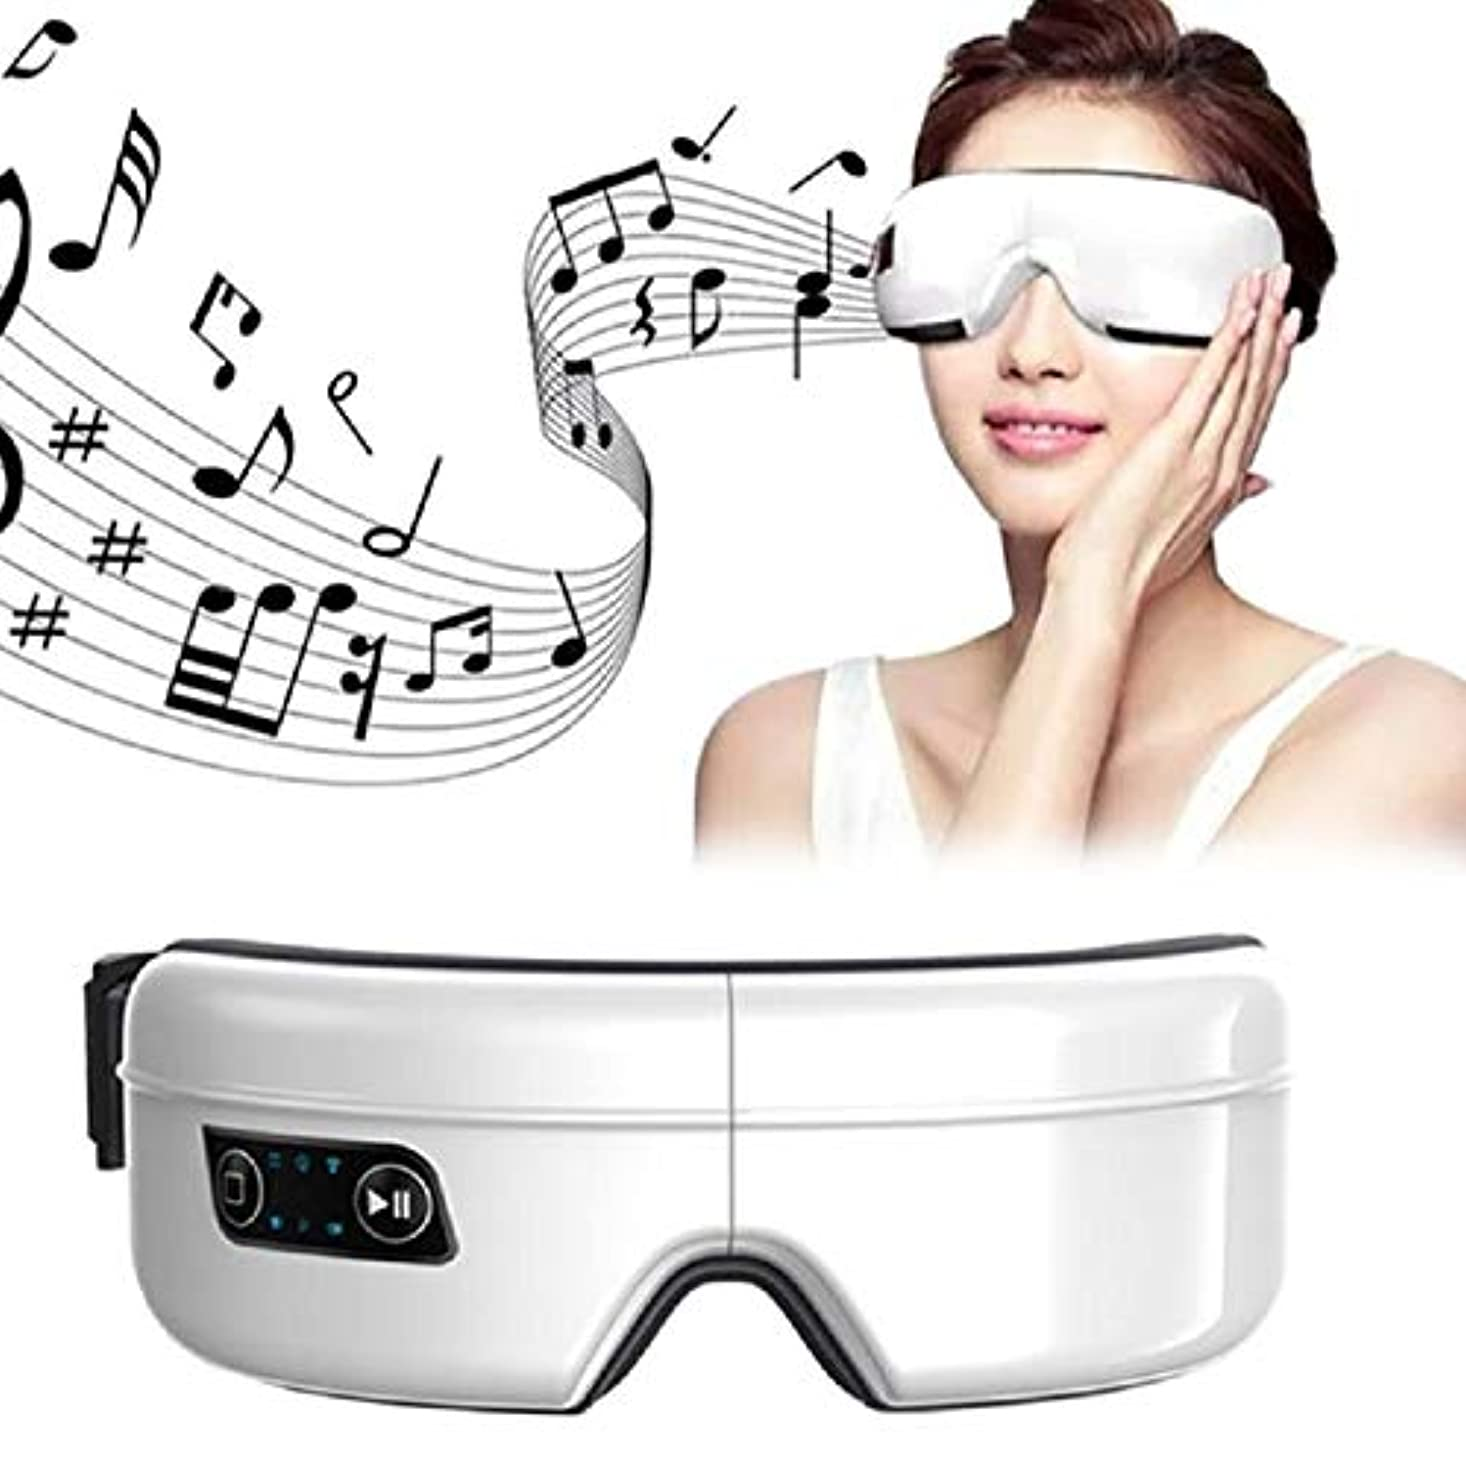 不和衝突するモッキンバードRuzzy 高度な電気ワイヤレスアイマッサージSPAの楽器、音楽充電式美容ツール 購入へようこそ